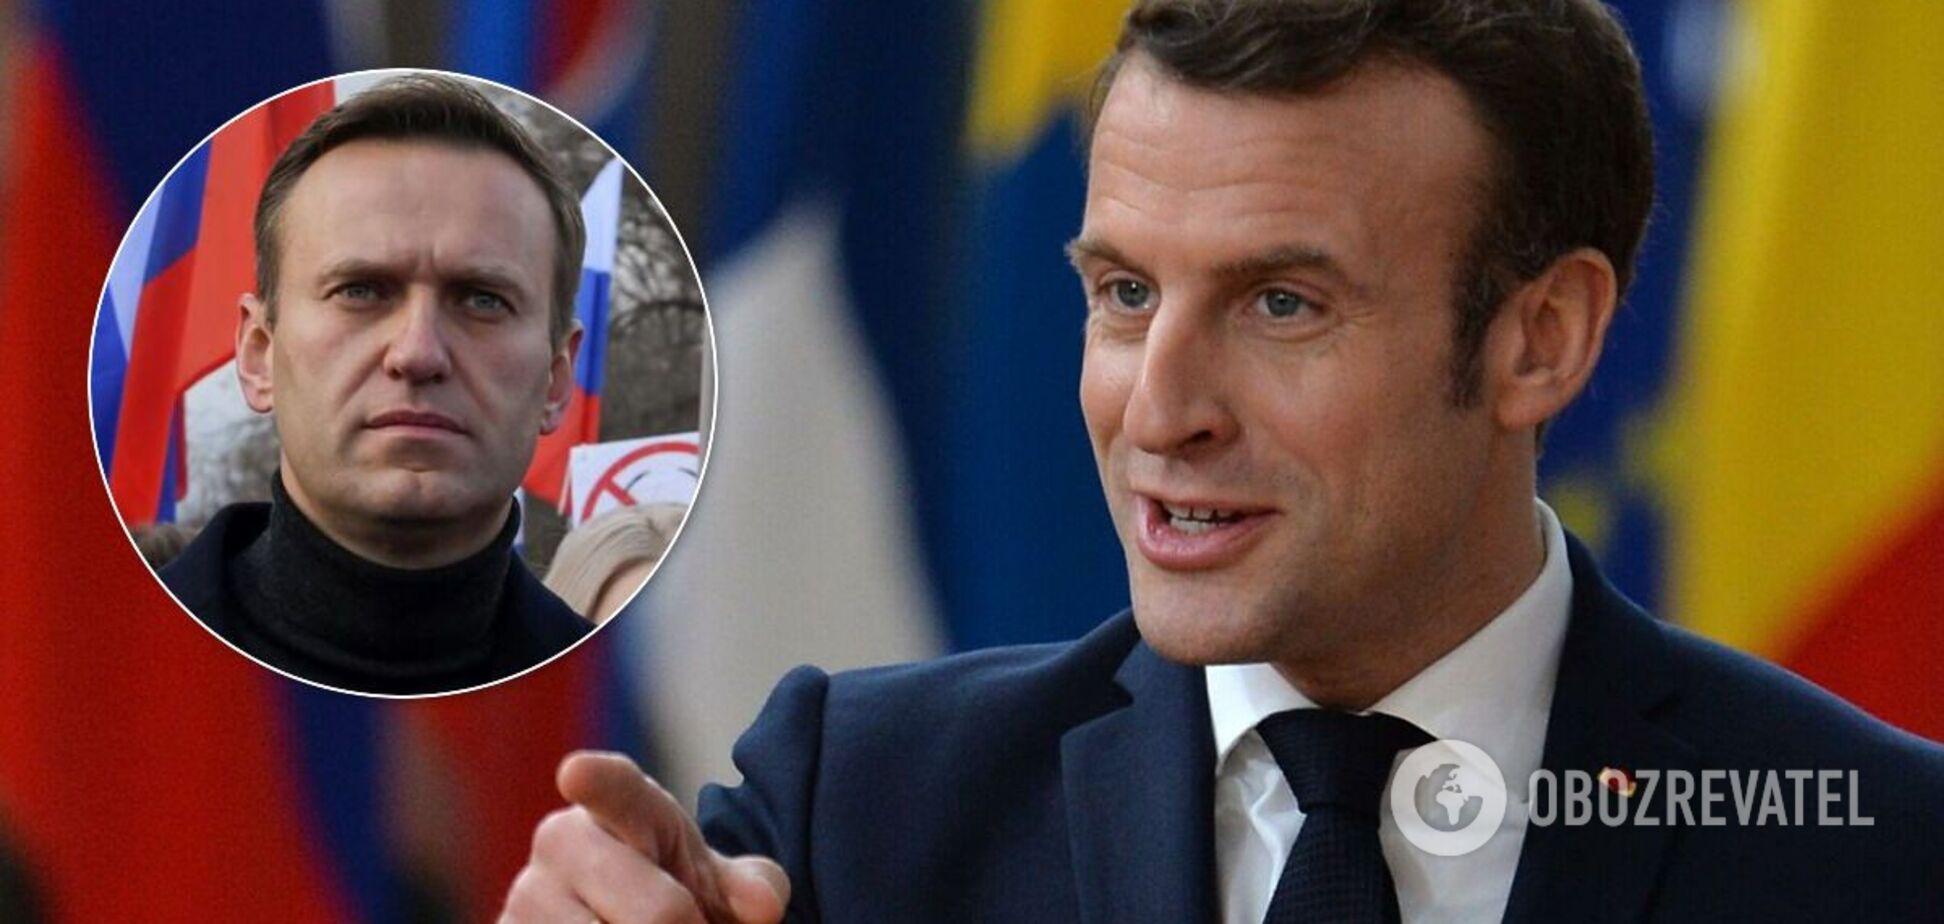 Макрон заявив про співпрацю з РФ заради миру в Європі